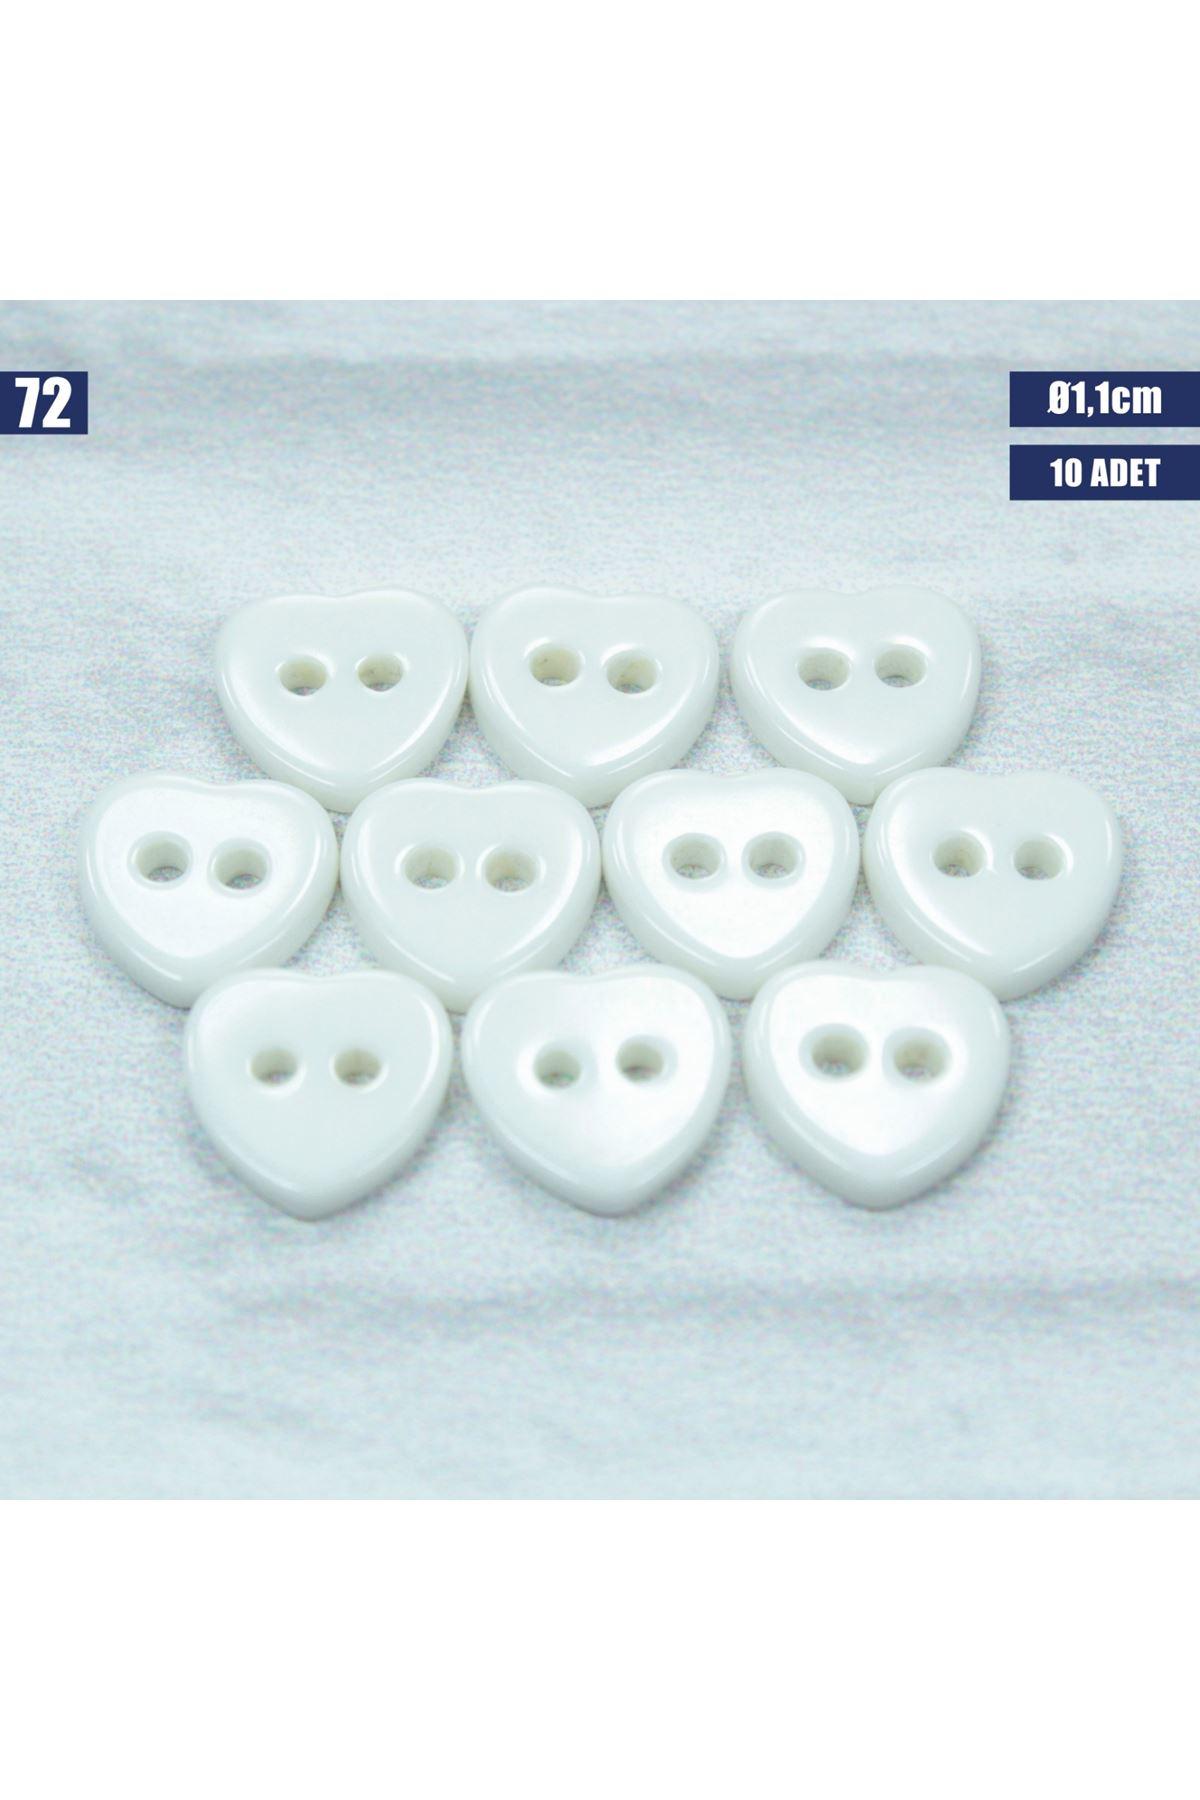 Amigurumi Düğmesi Ø 1,1cm - 72